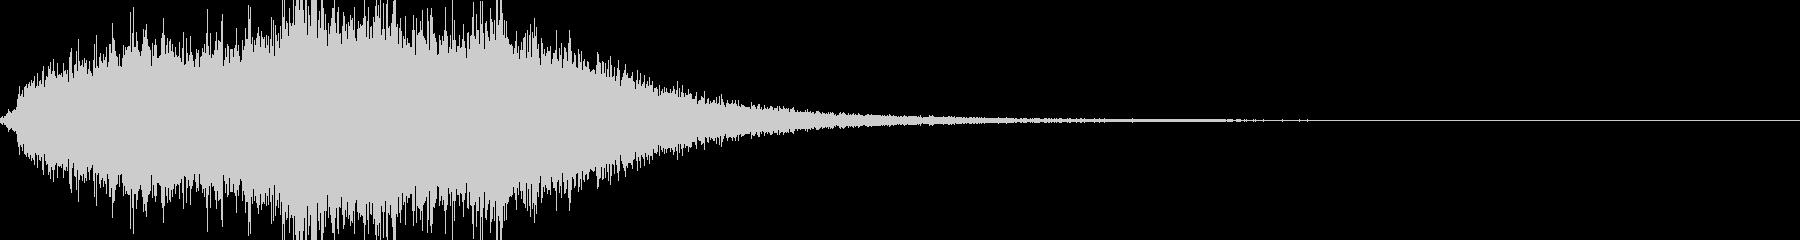 キラキラ・シャラシャラした音の未再生の波形